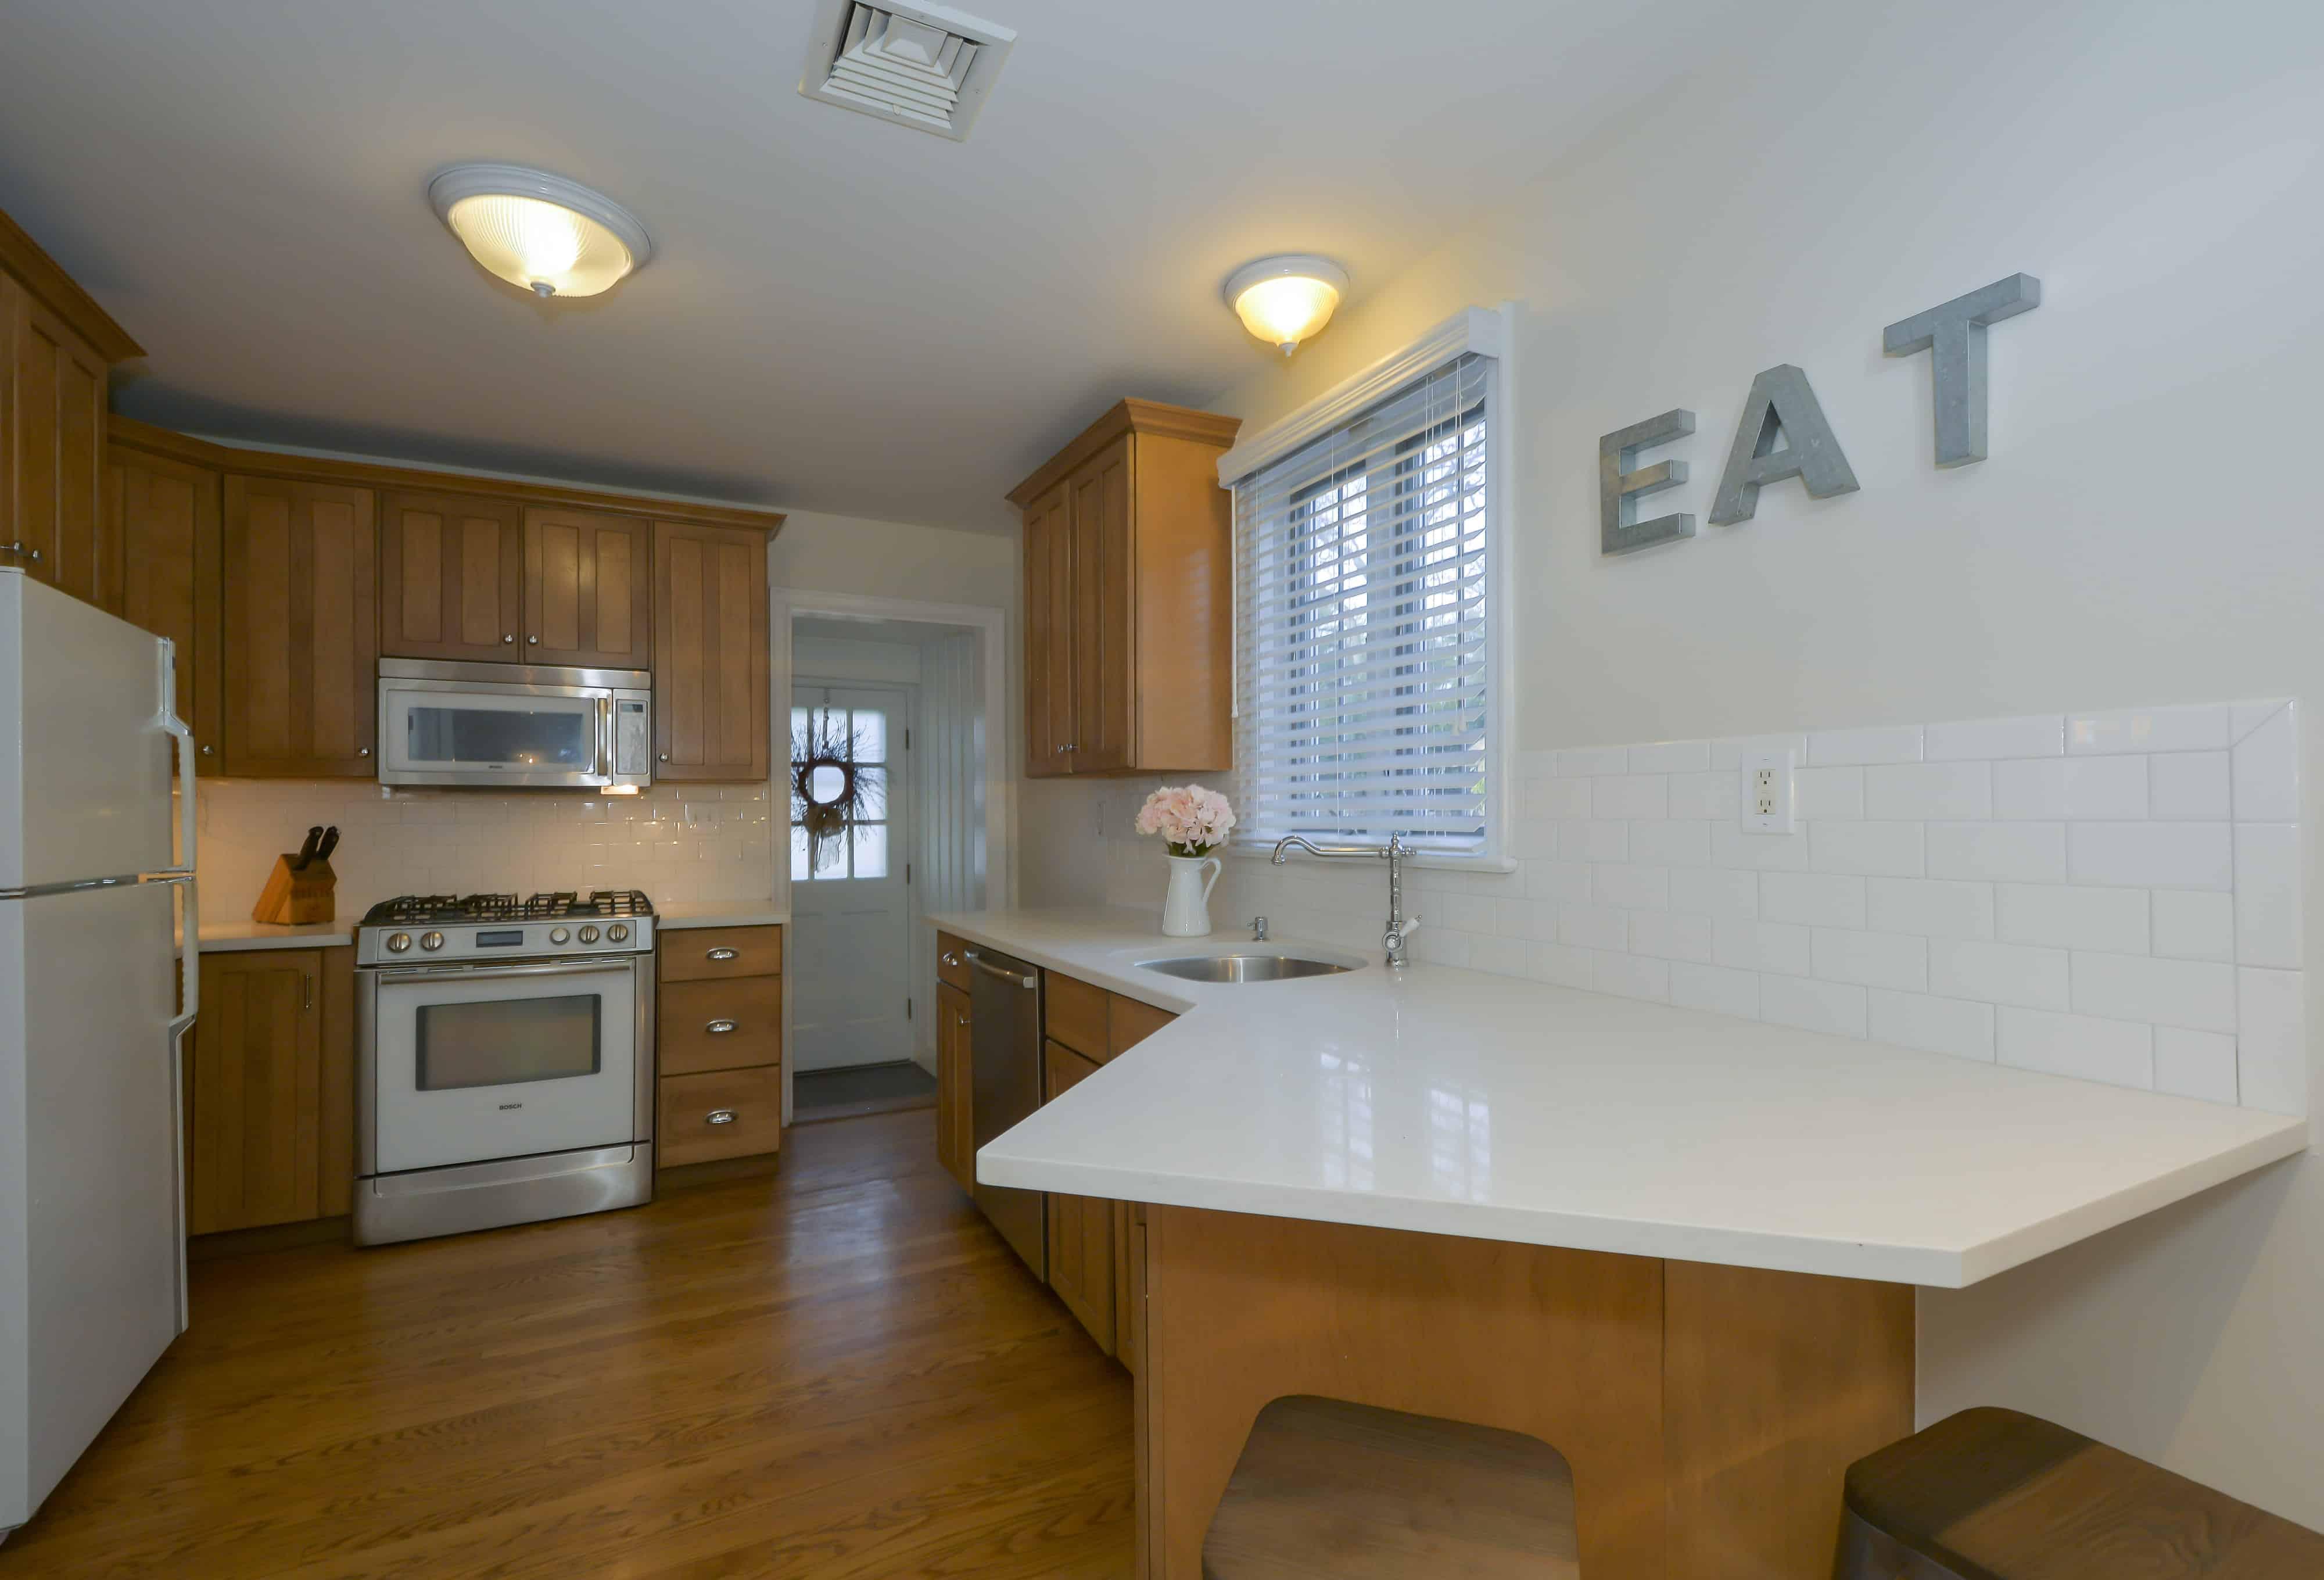 gowb-holiday-kitchen-organizing-kitchen